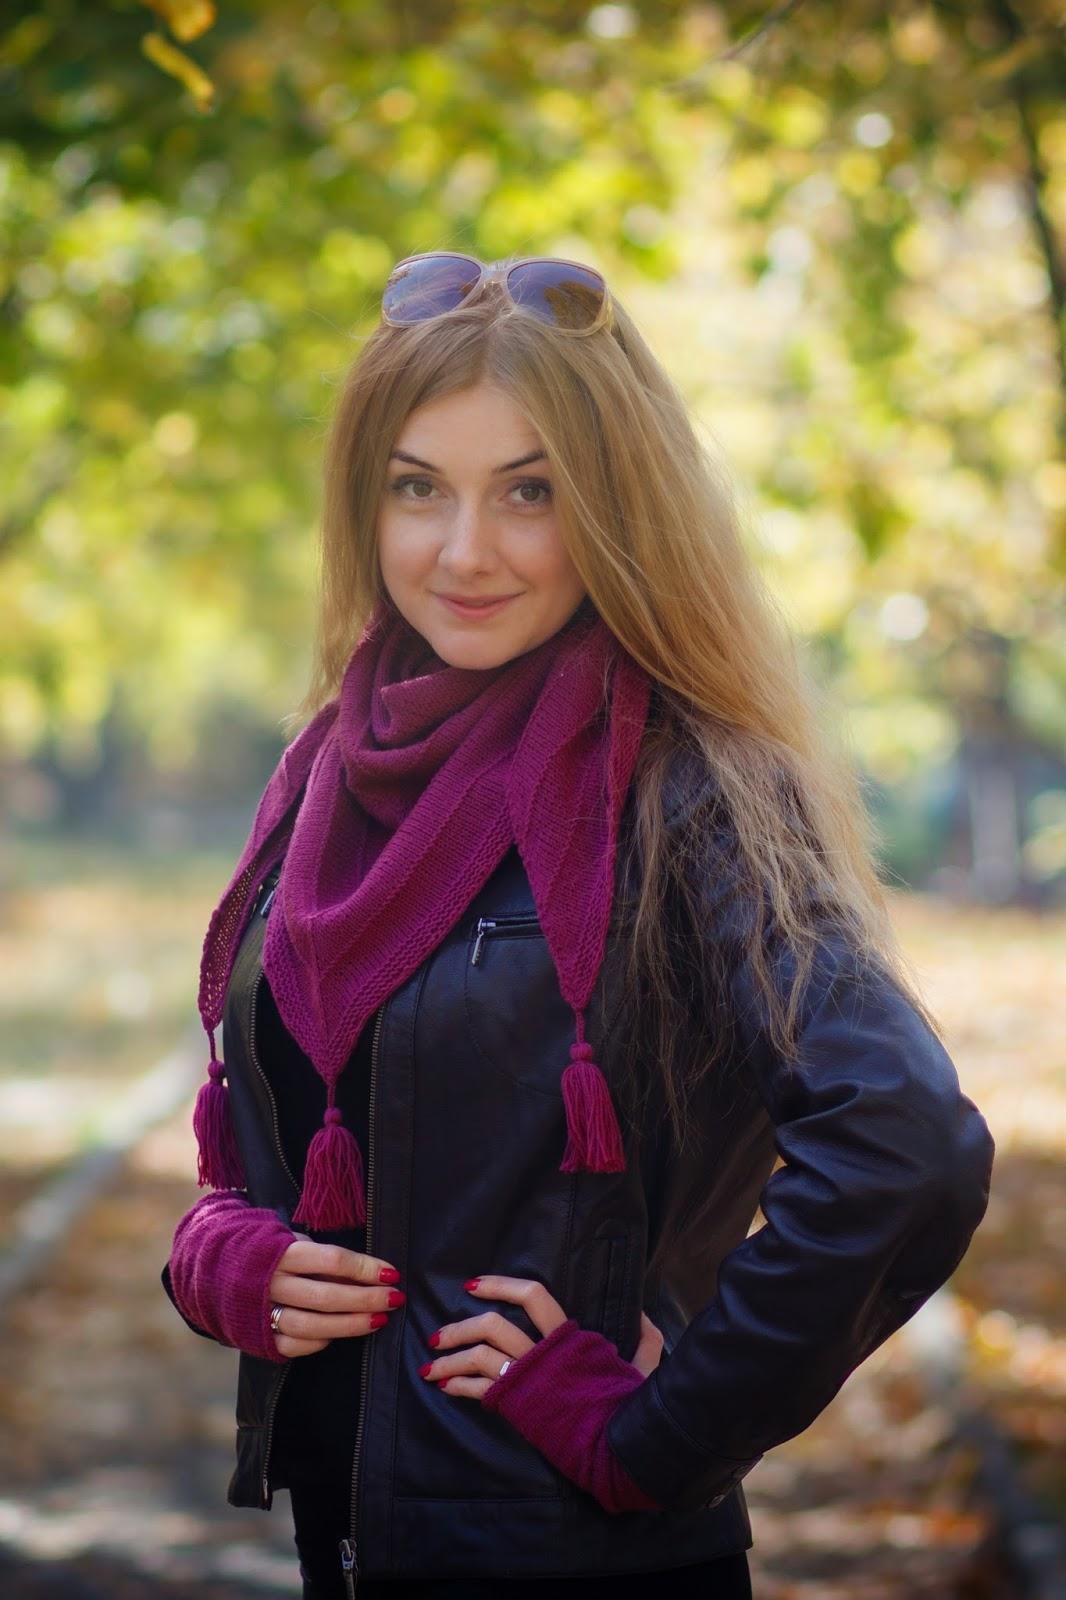 Alize Cashmira Fine бактус фуксия митенки